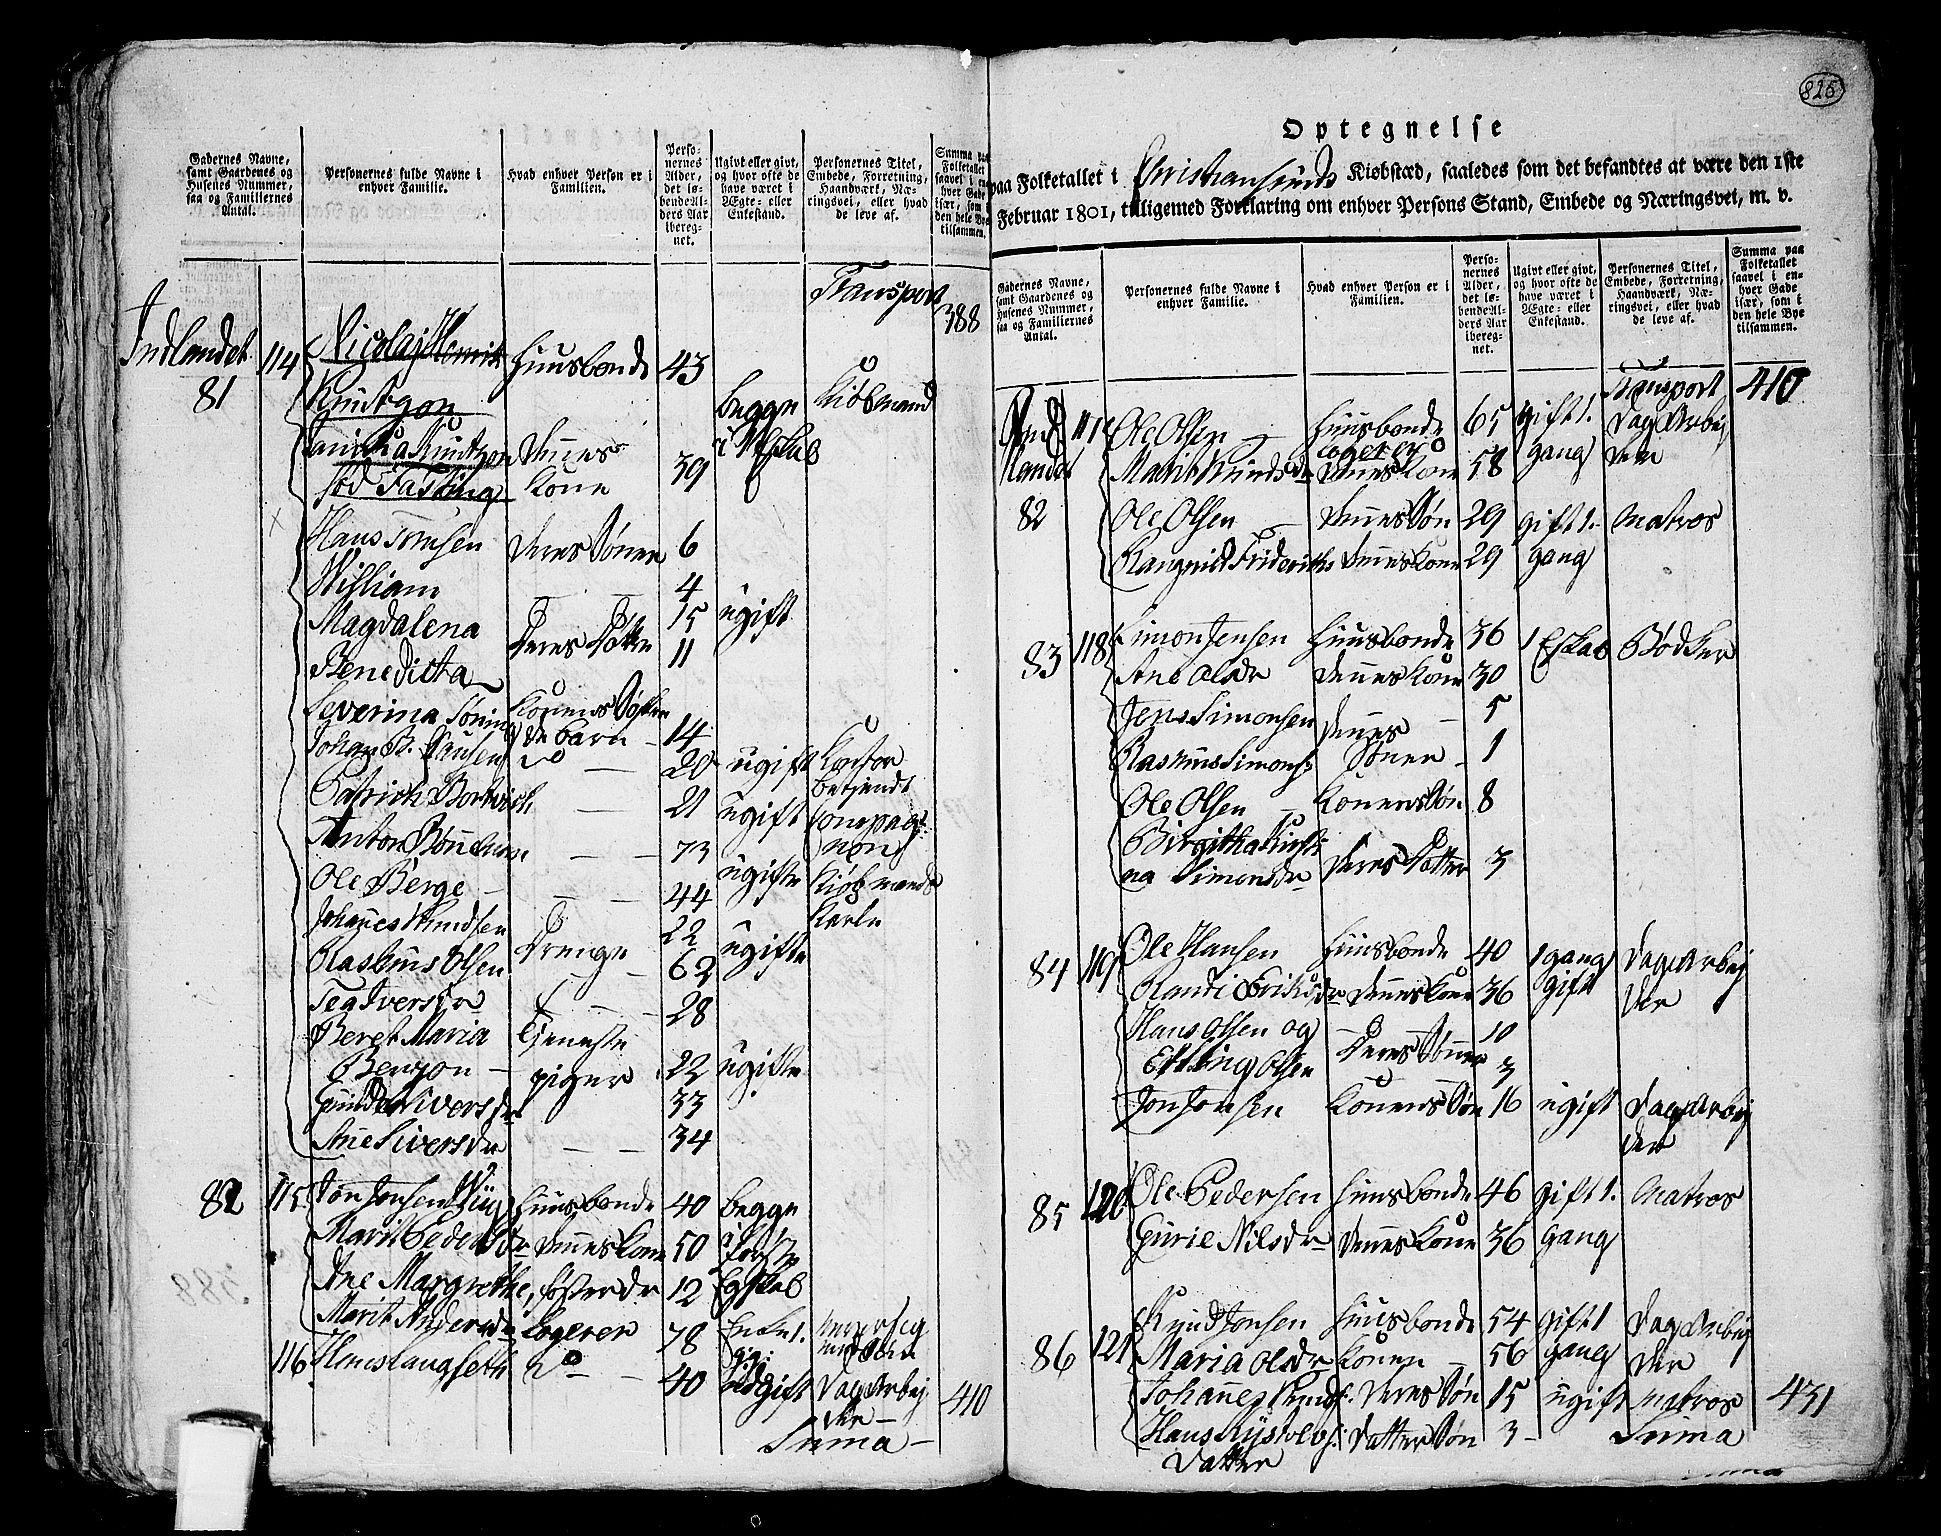 RA, Folketelling 1801 for 1553P Kvernes prestegjeld, 1801, s. 824b-825a